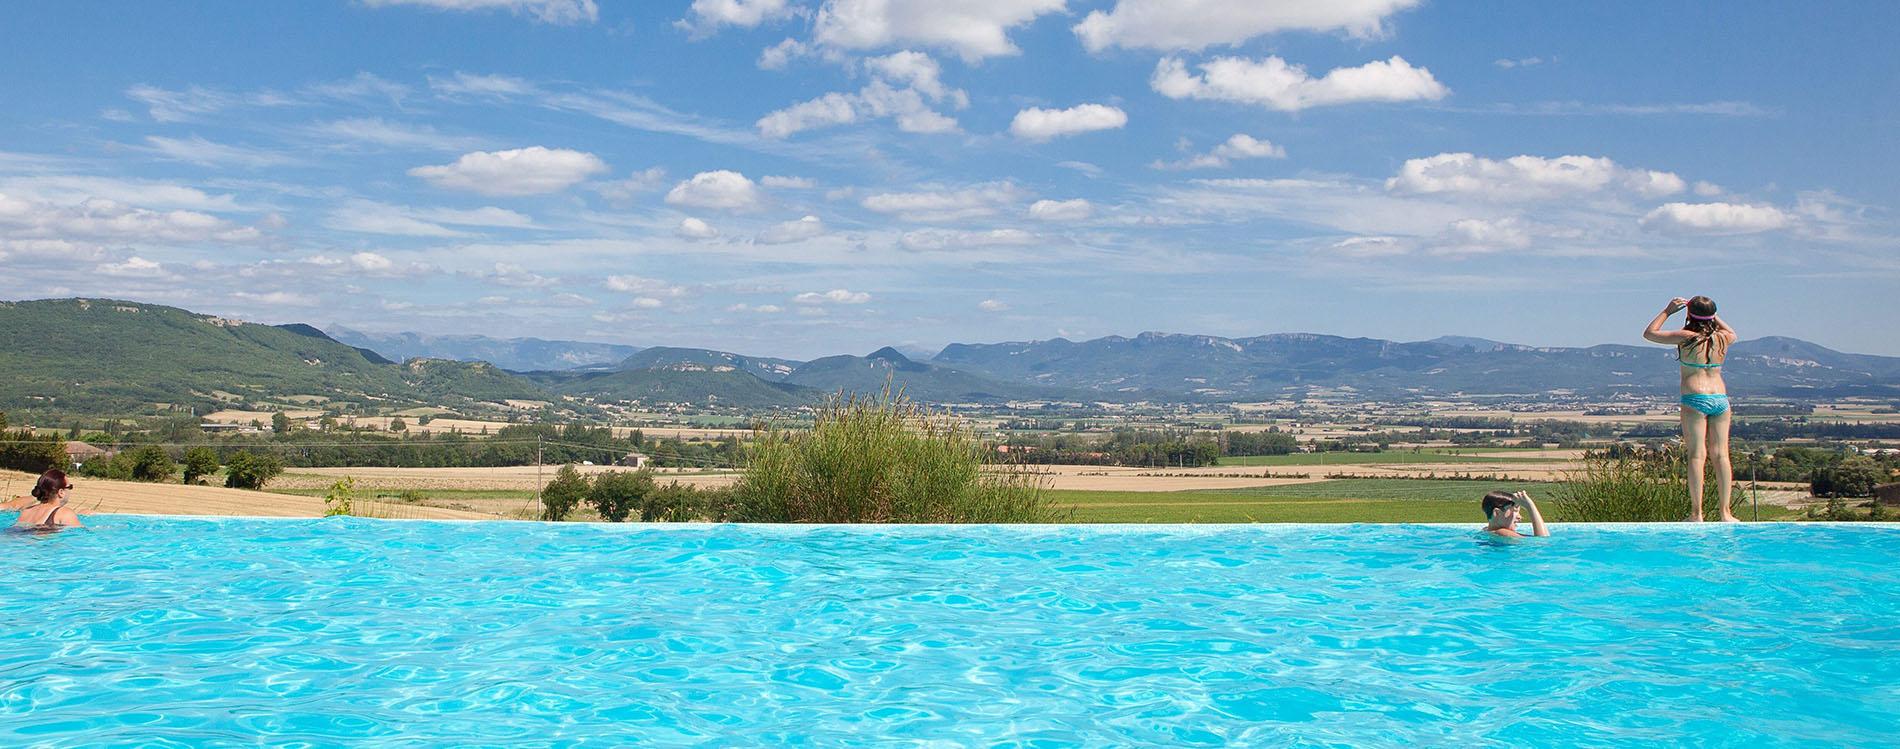 Villégiature dans la Drôme : quel camping avec piscine choisir ?